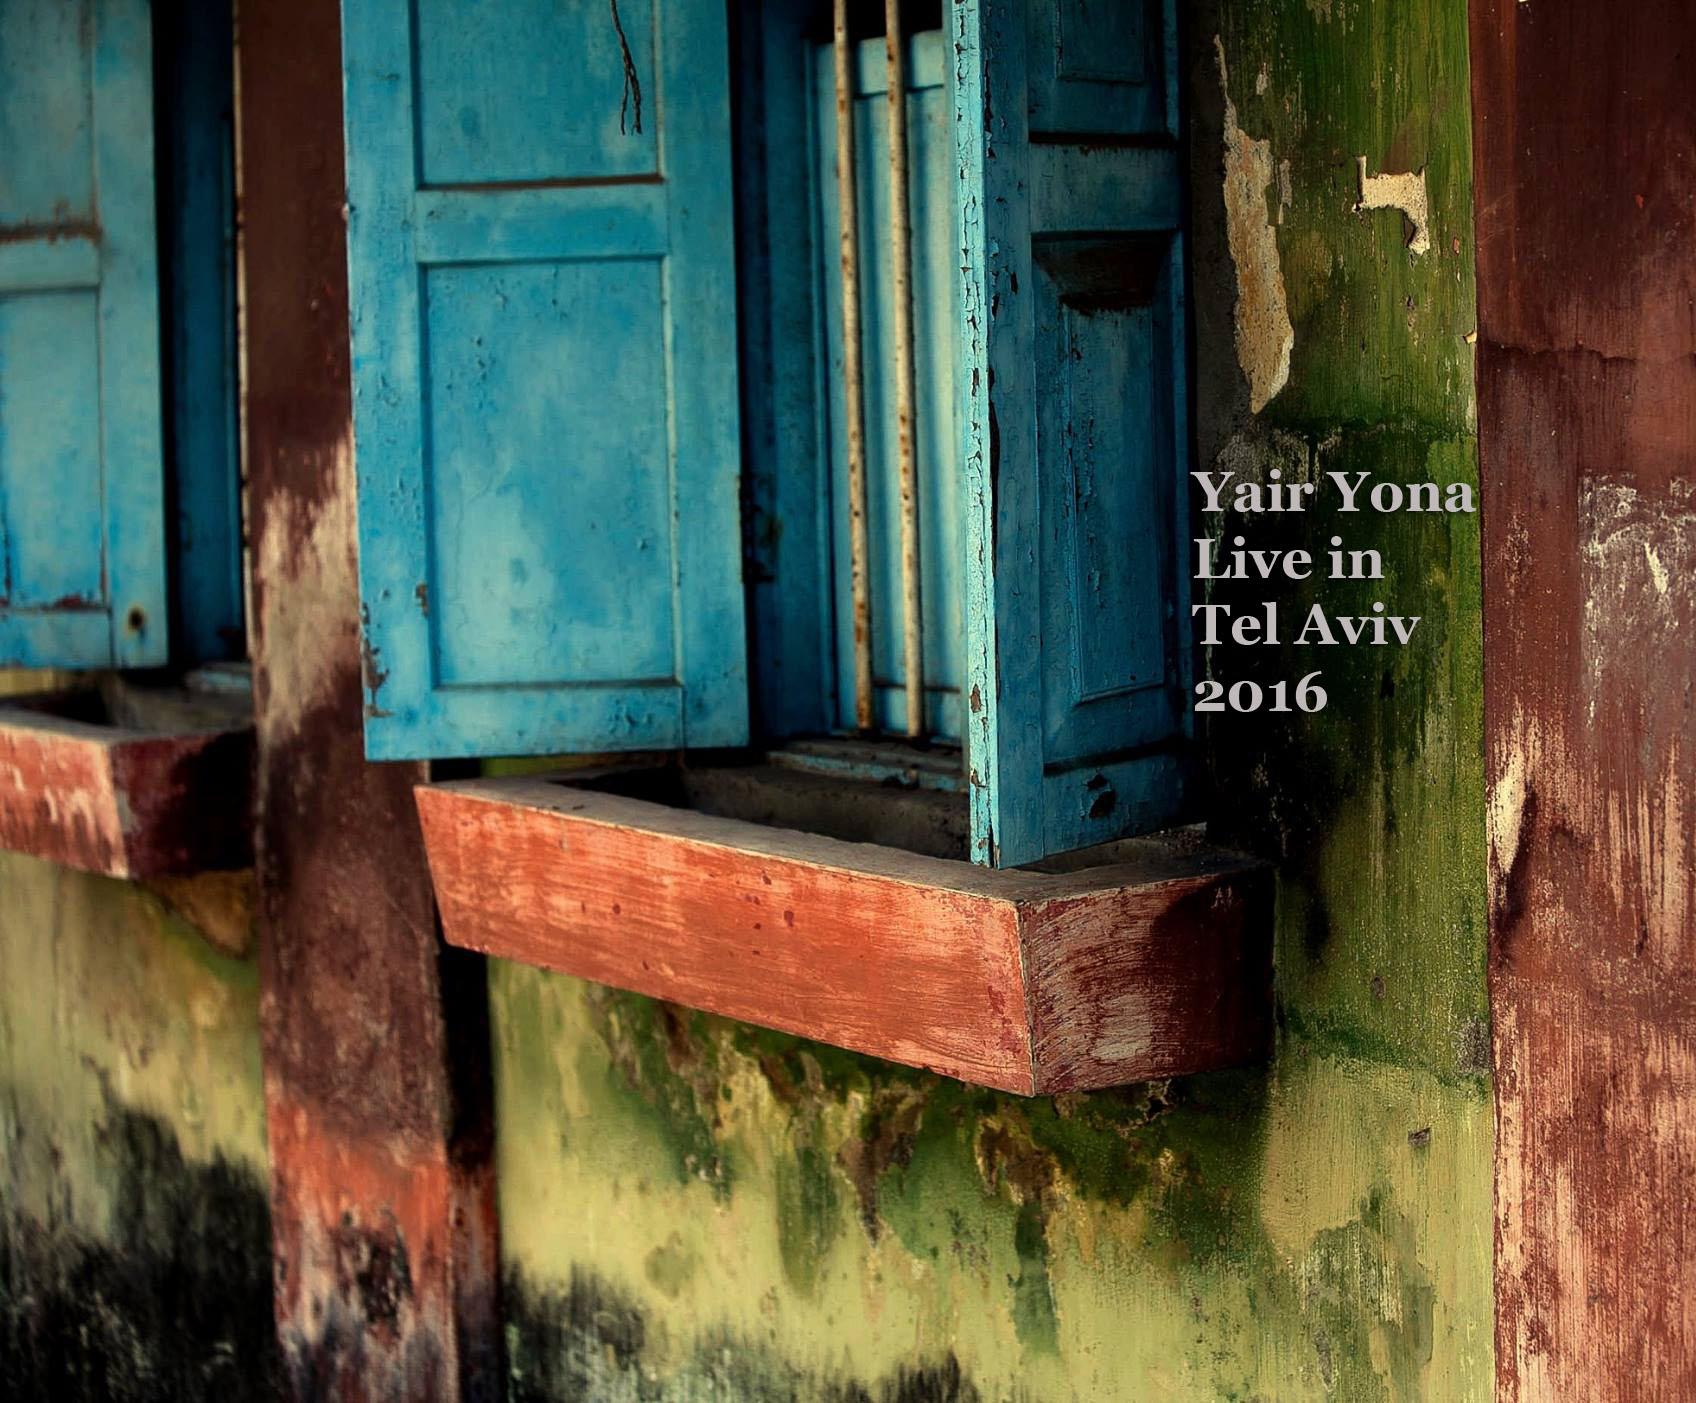 Yair Yona - Live in Tel Aviv 2016